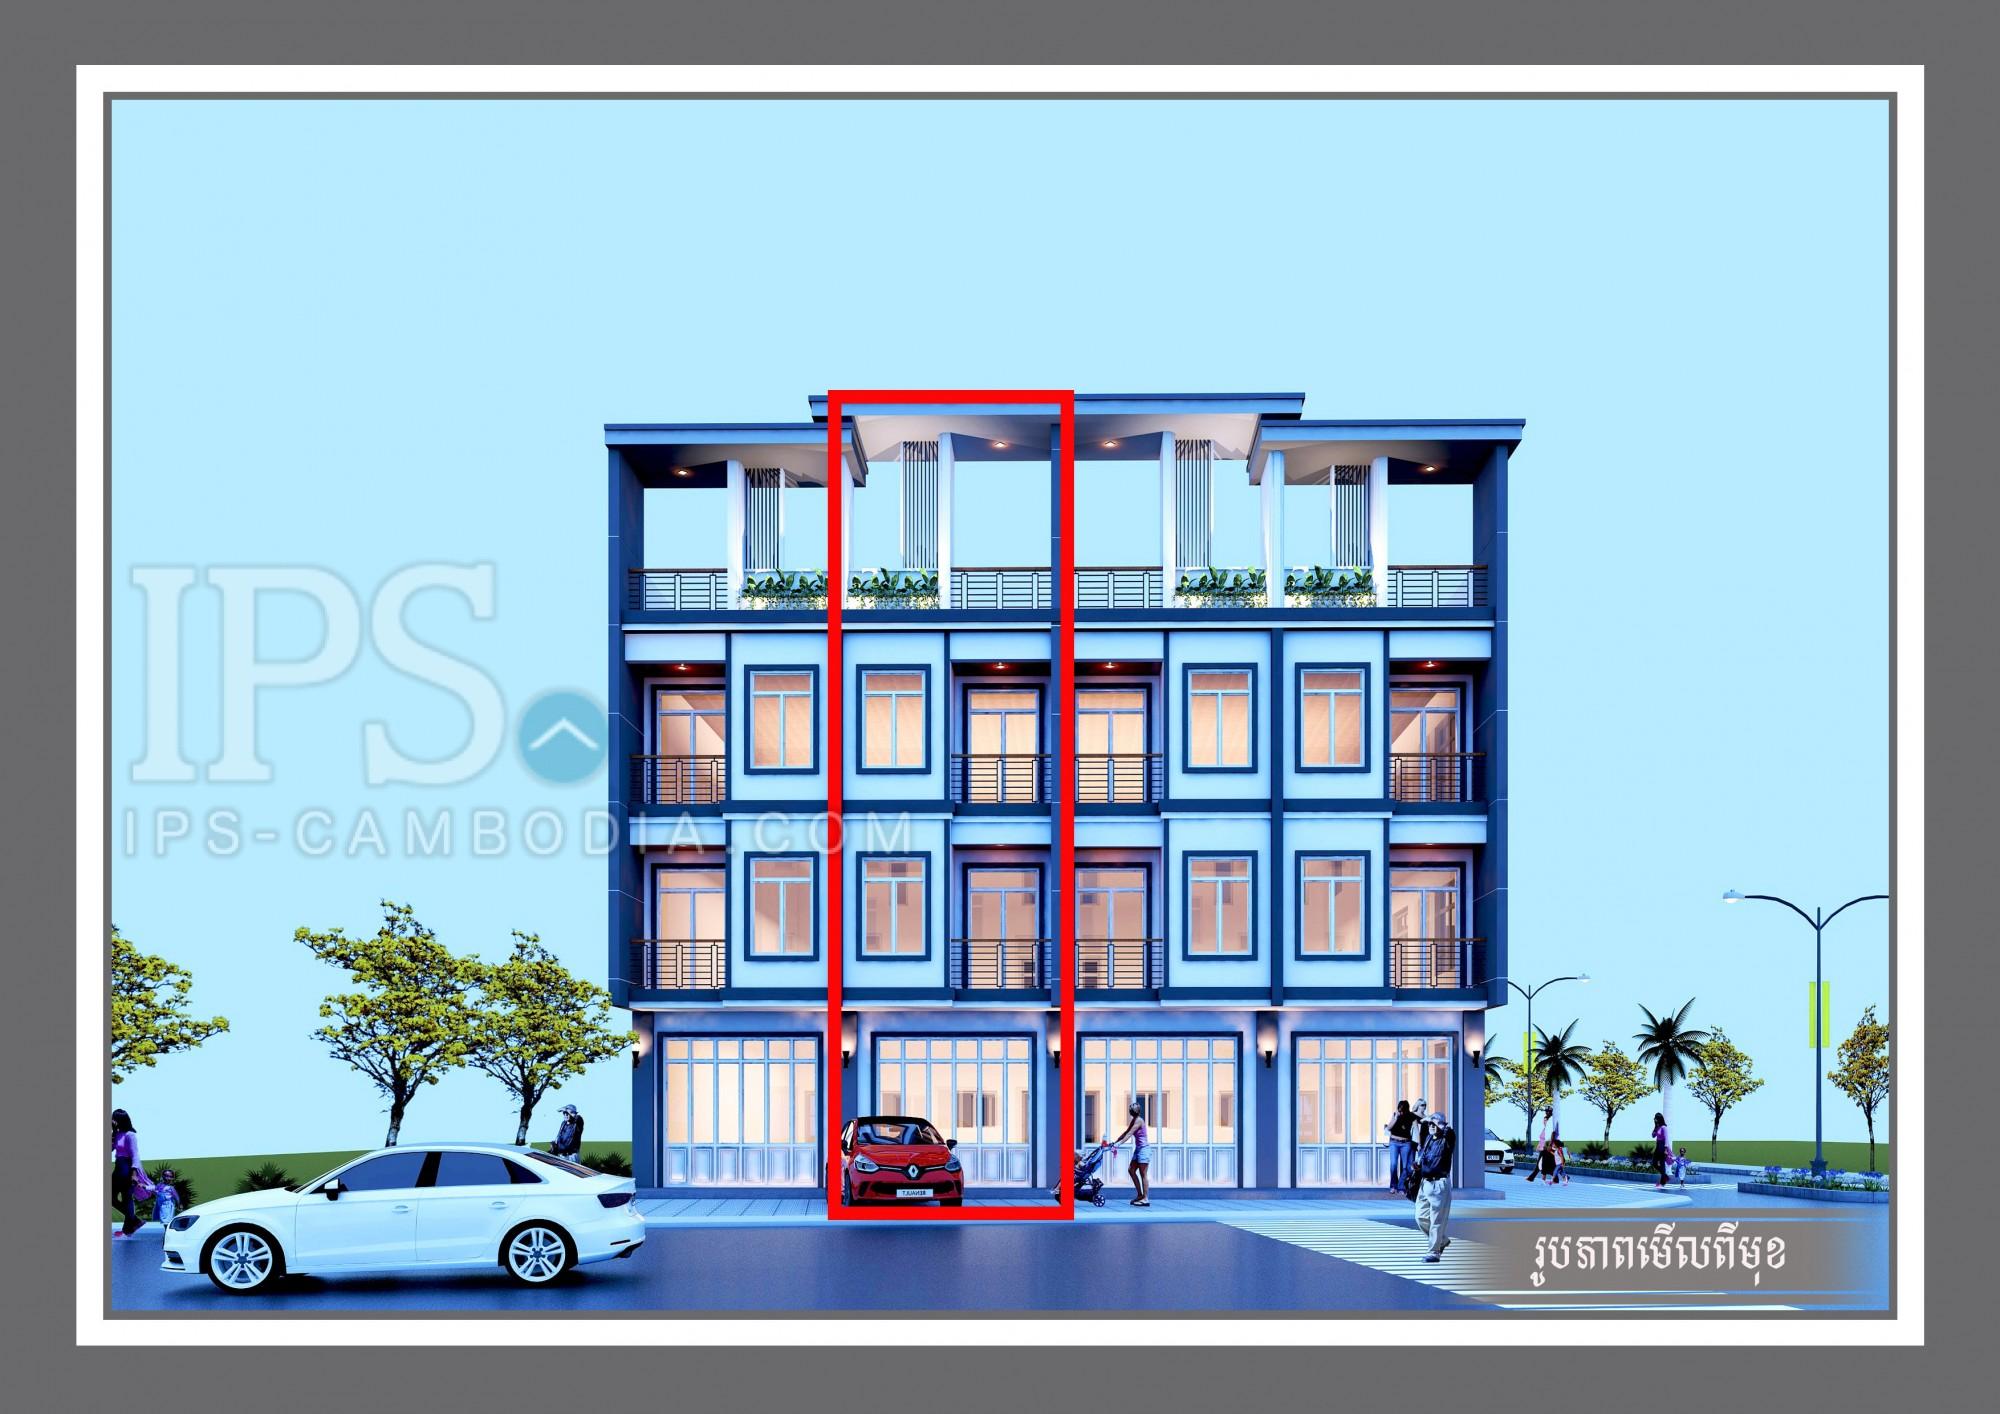 4 Bedroom Flat For Sale - Chreav, Siem Reap